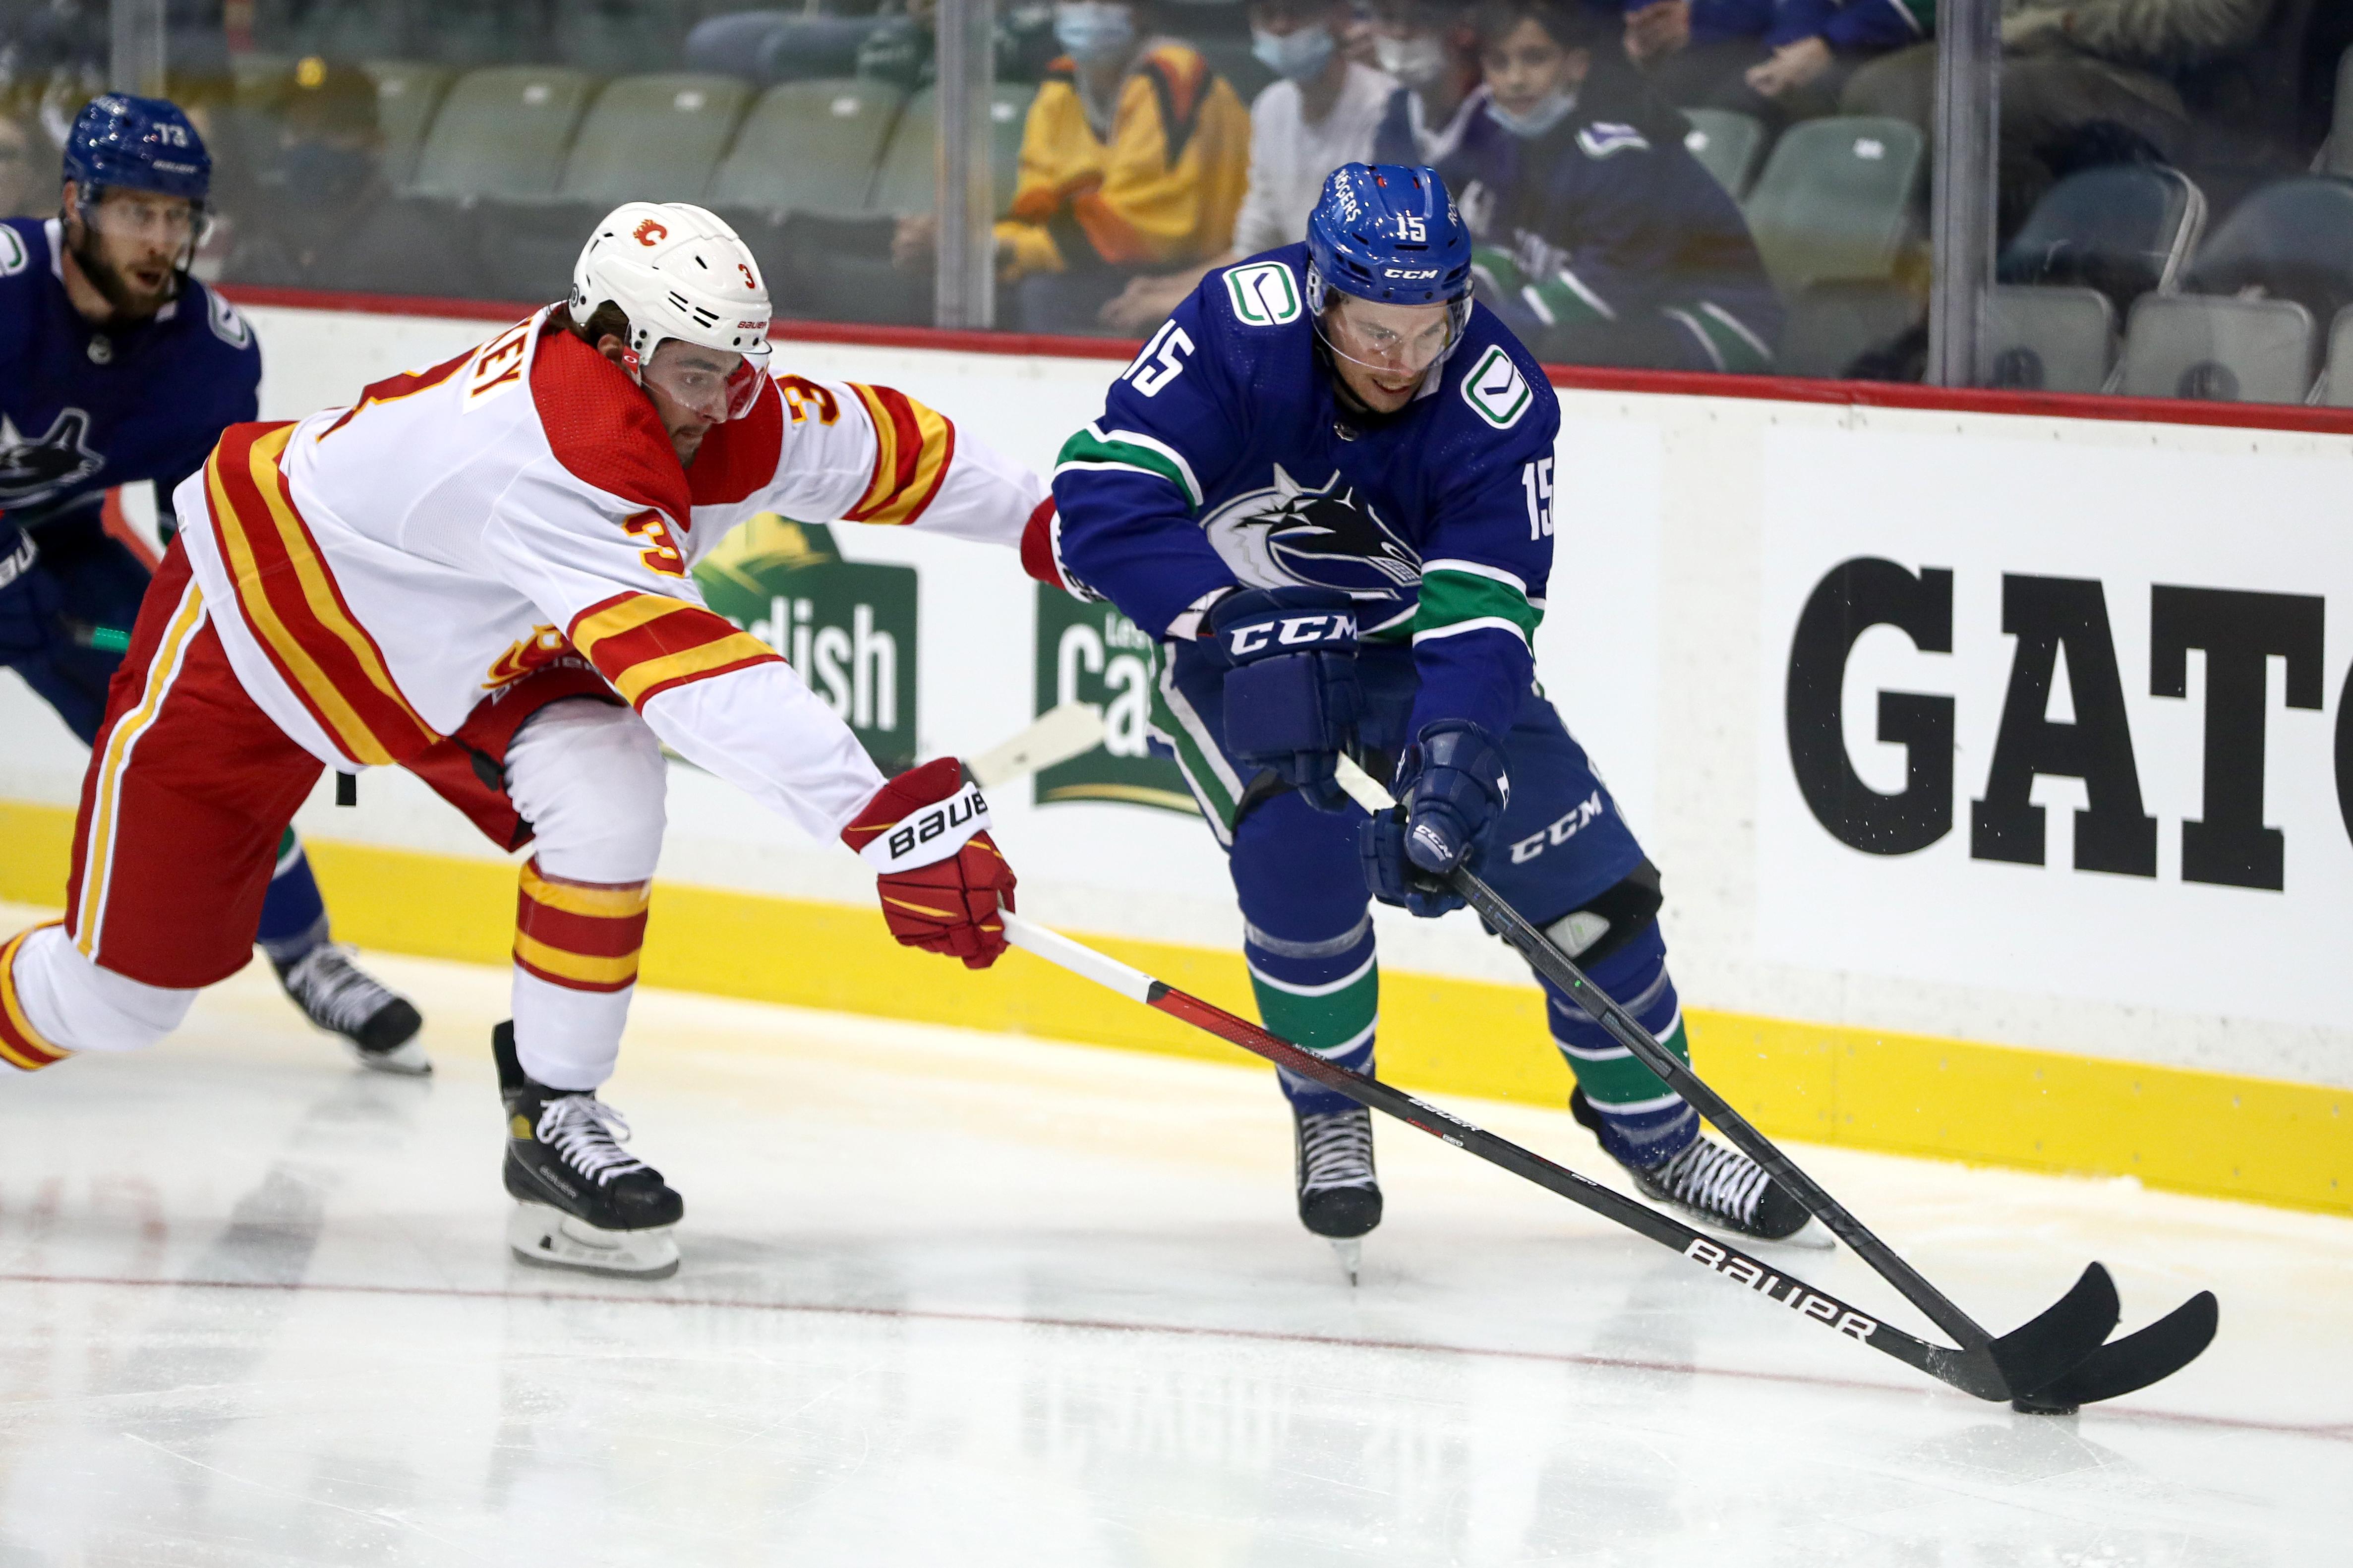 NHL: SEP 27 Preseason - Flames v Canucks